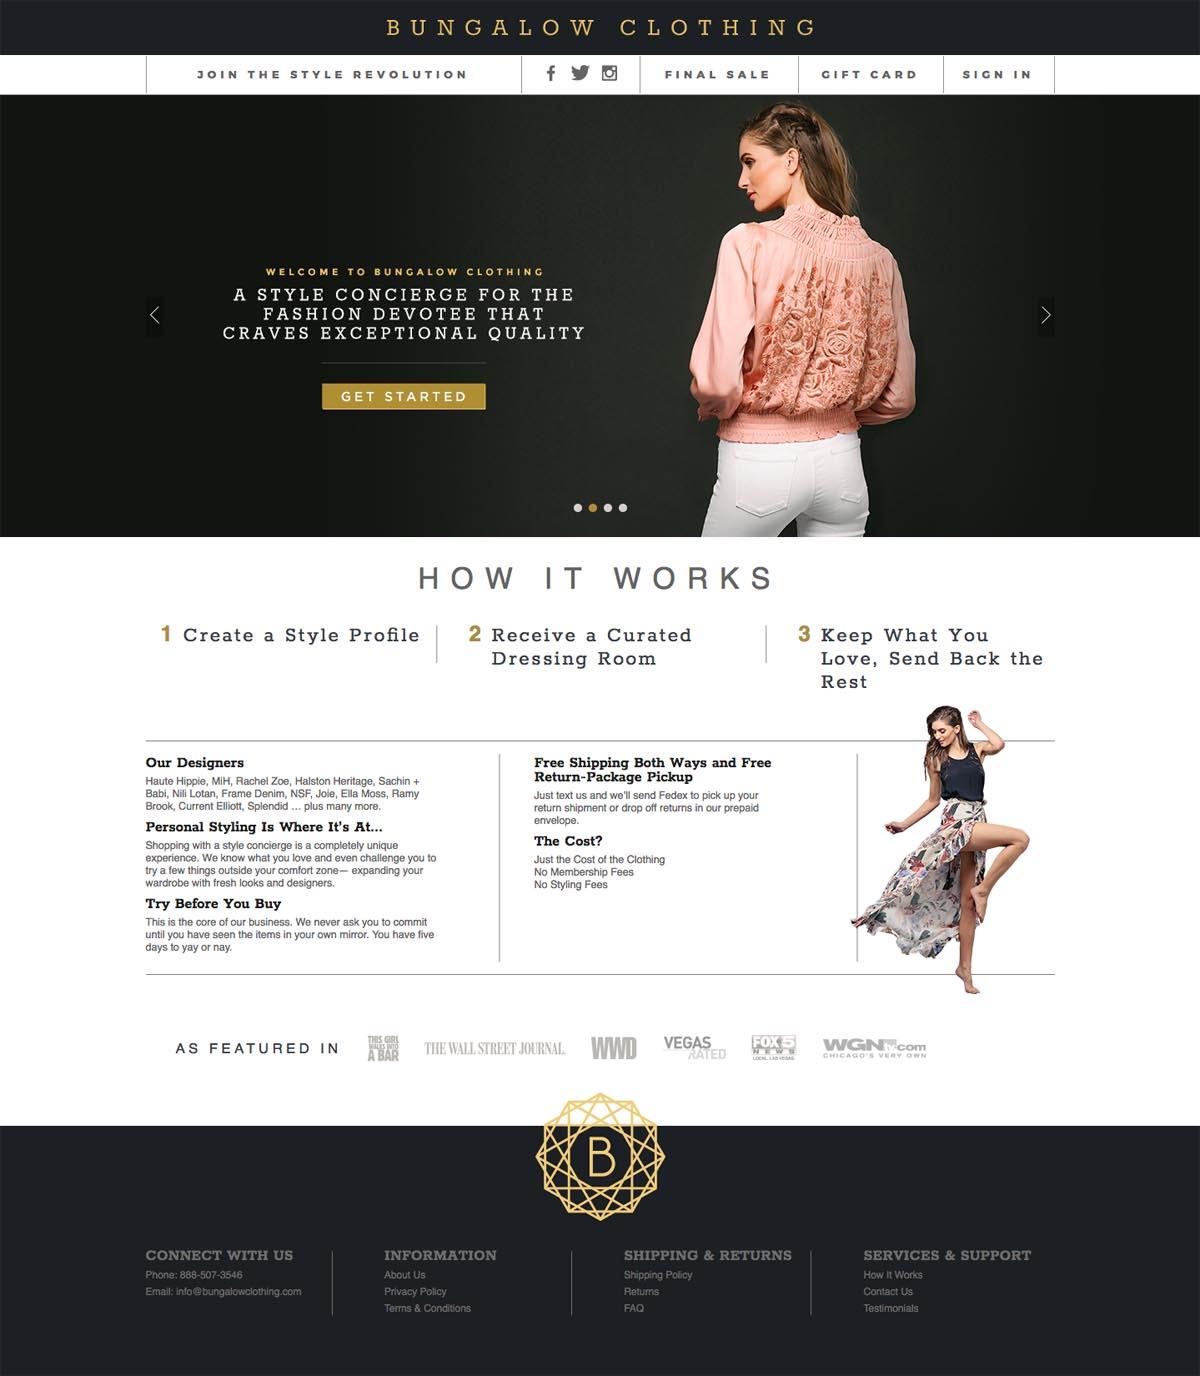 eCommerce website: Bungalow Clothing